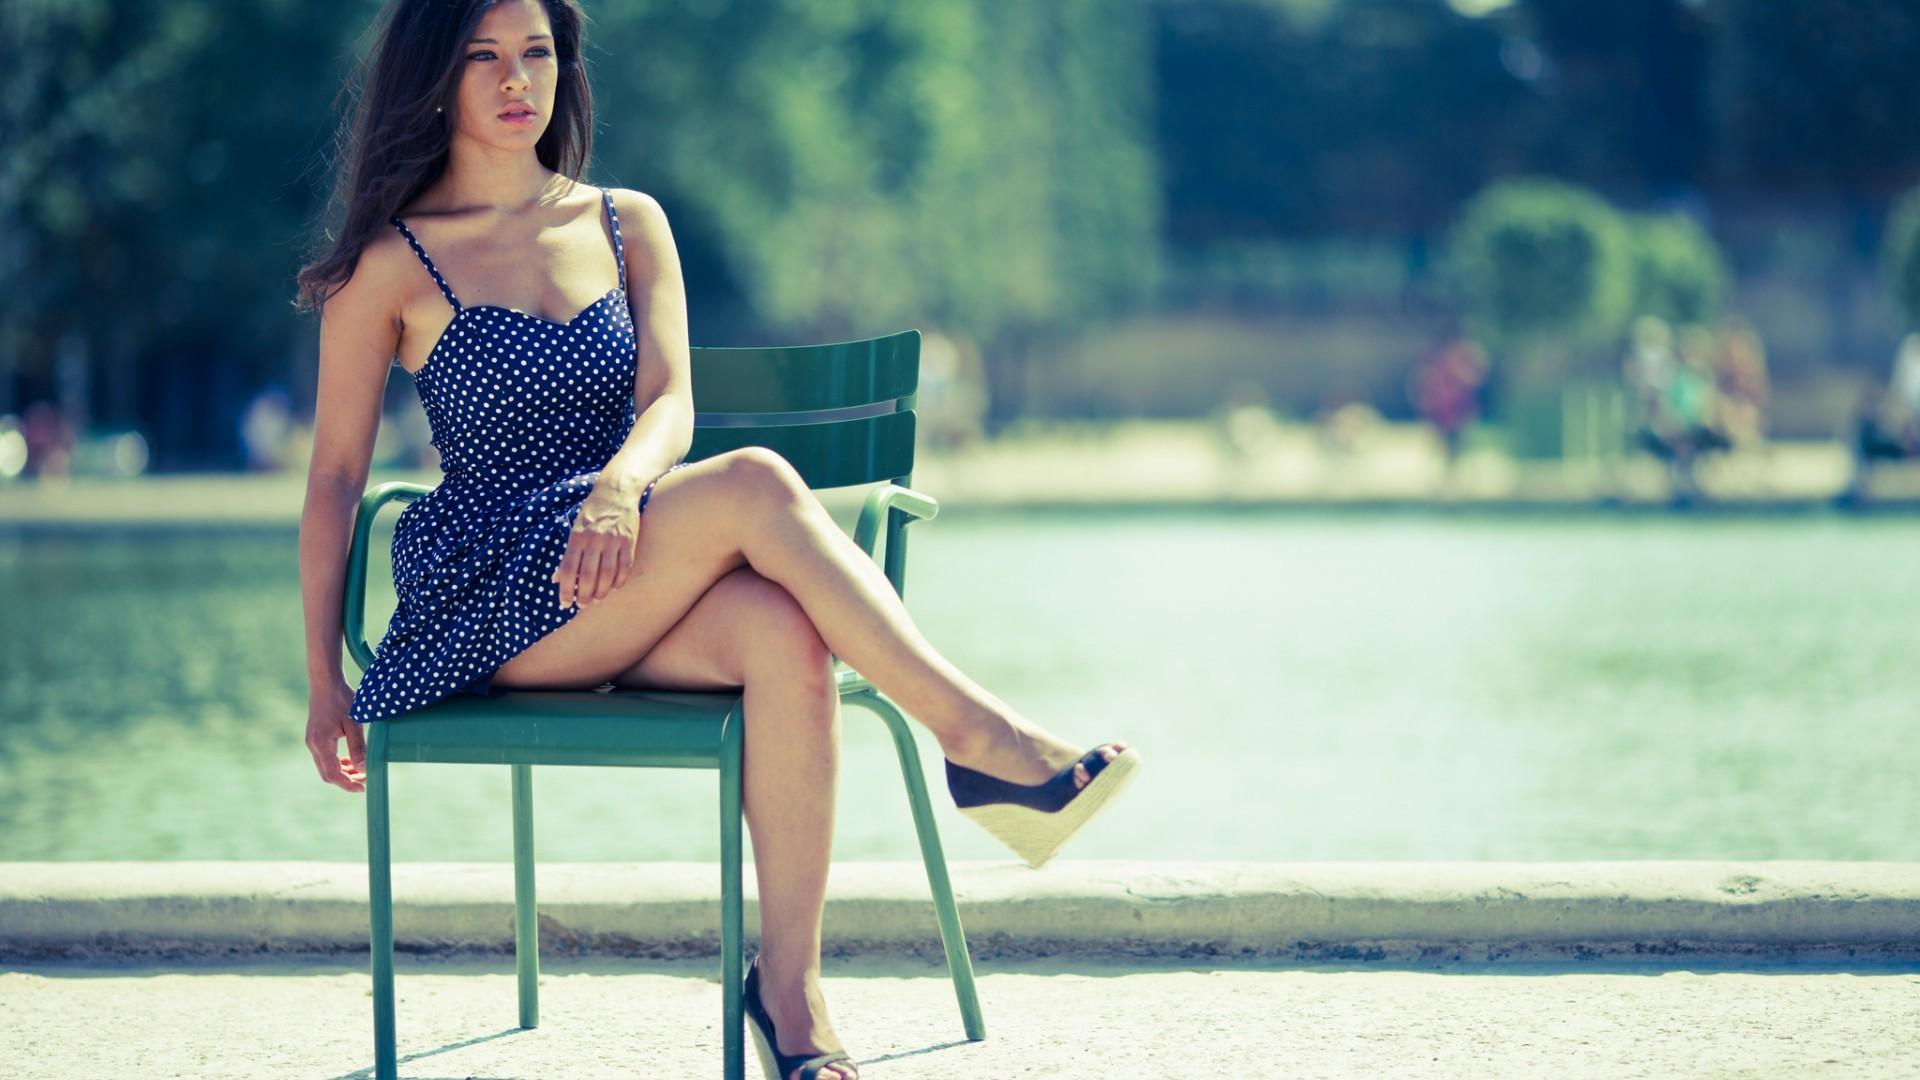 Ретро девушка в коротком сарафане вид сбоку фото скрытые камеры